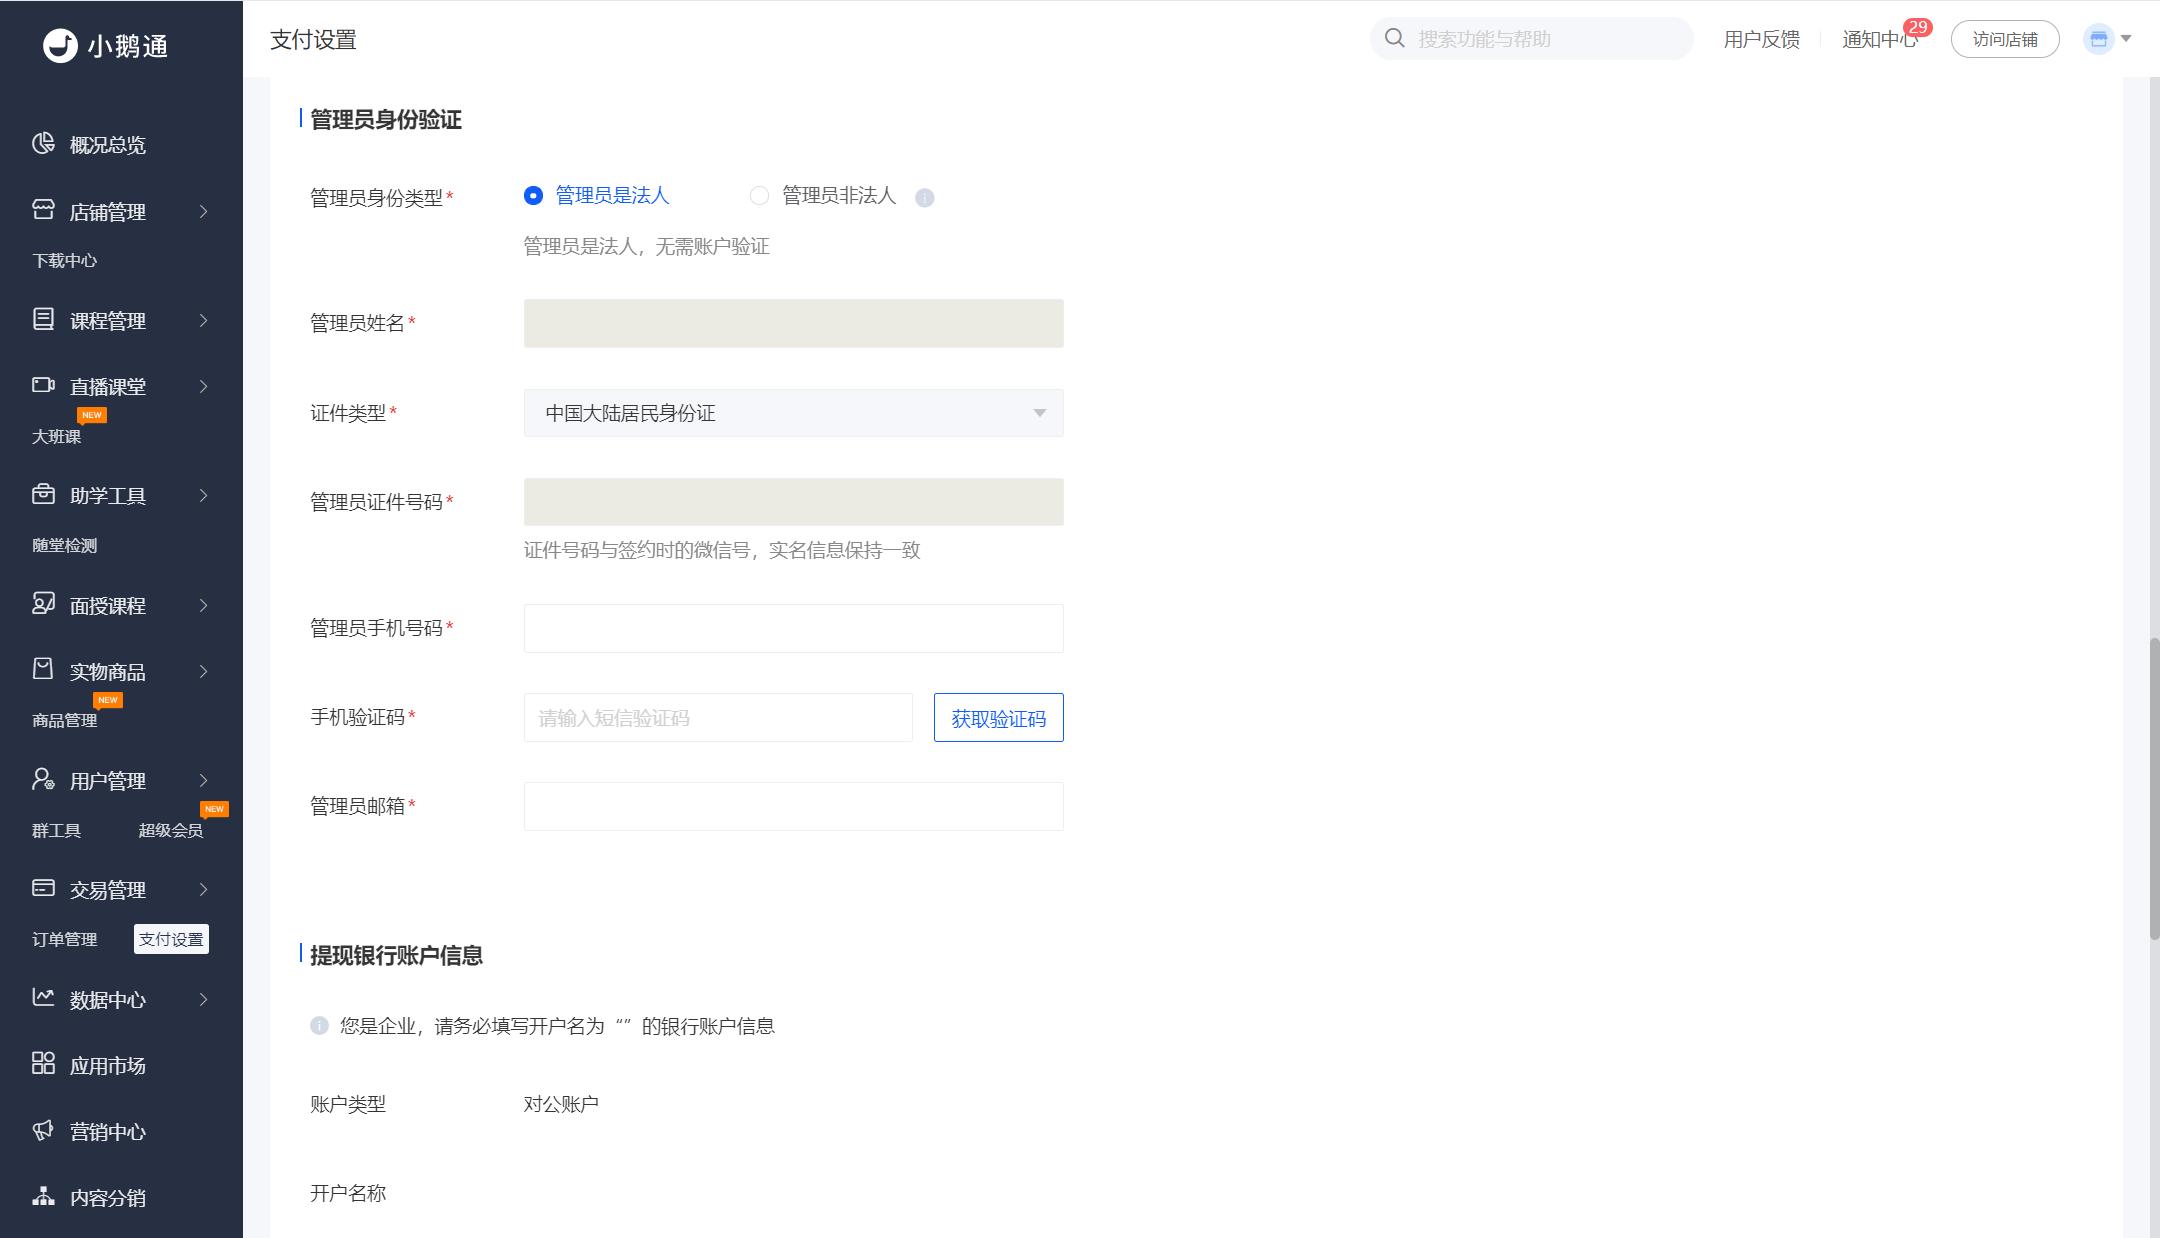 小鹅通知识店铺微信支付服务商模式账户申请指引(图6)